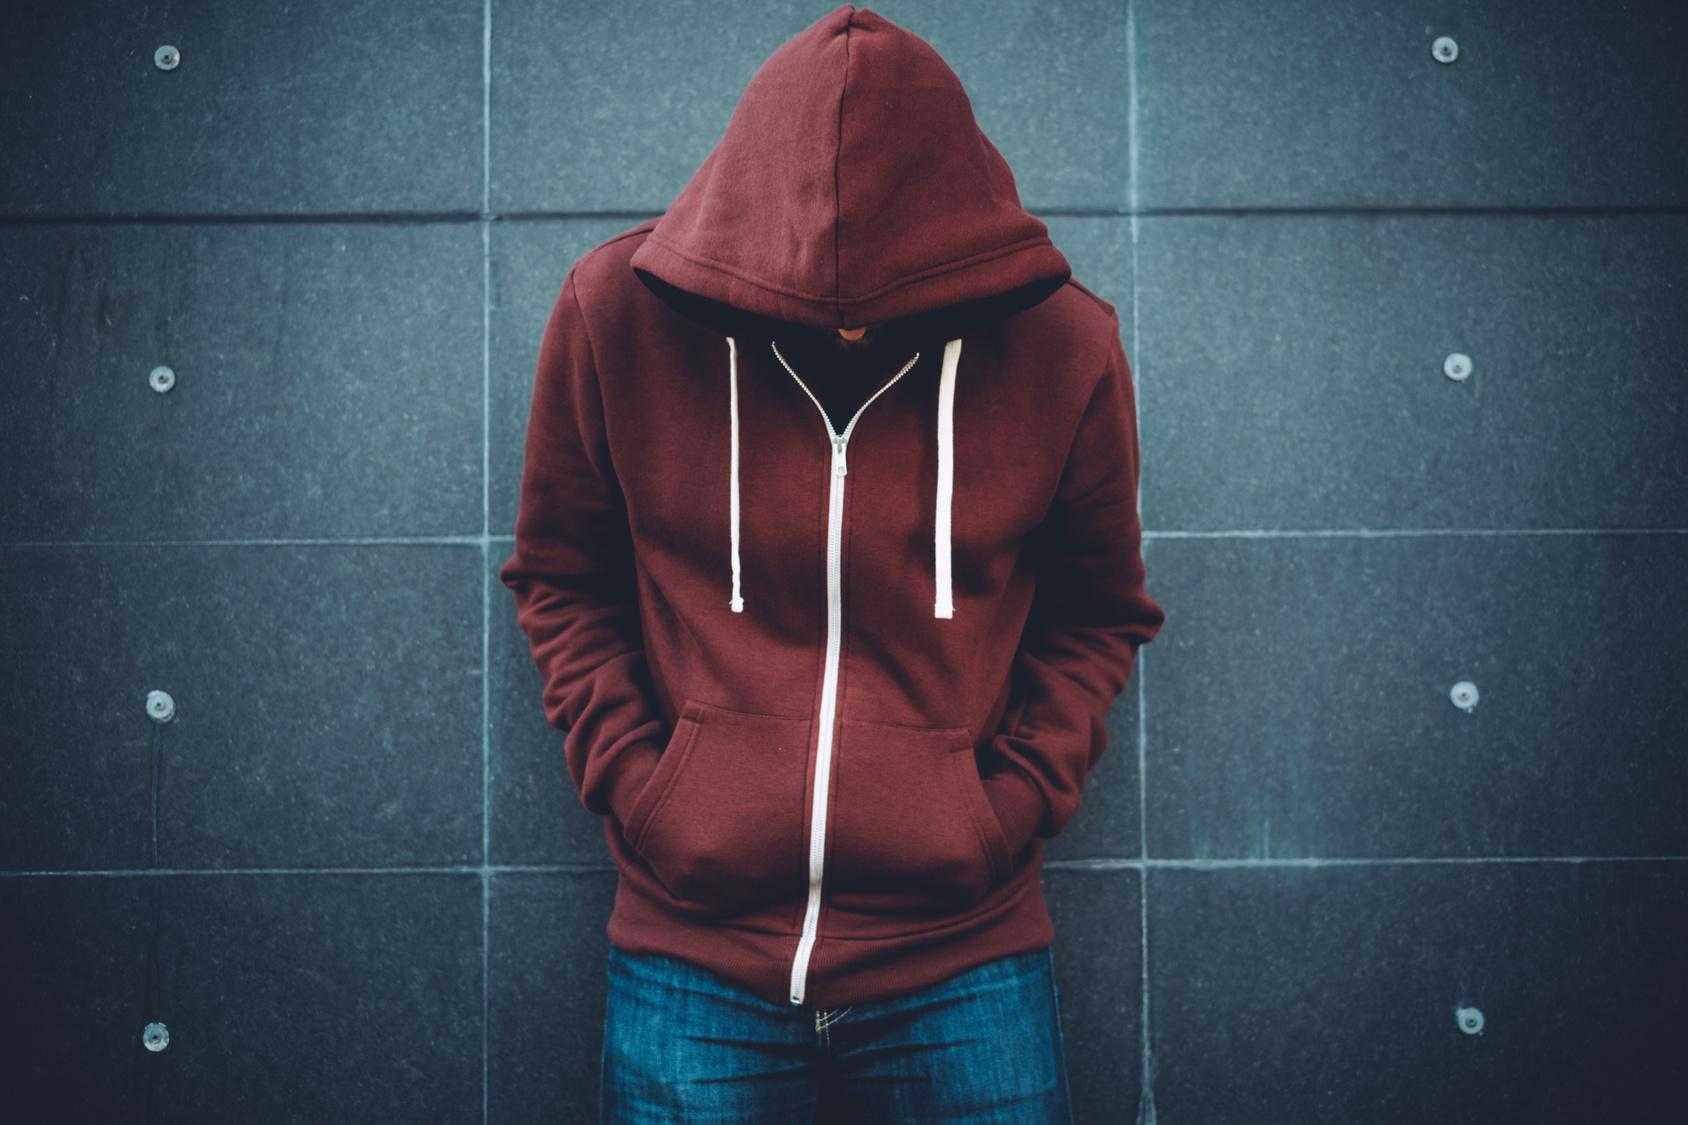 Selbstmord-Serie als Vorbild 13-jährige Schülerinnen wollen sich das Leben nehmen